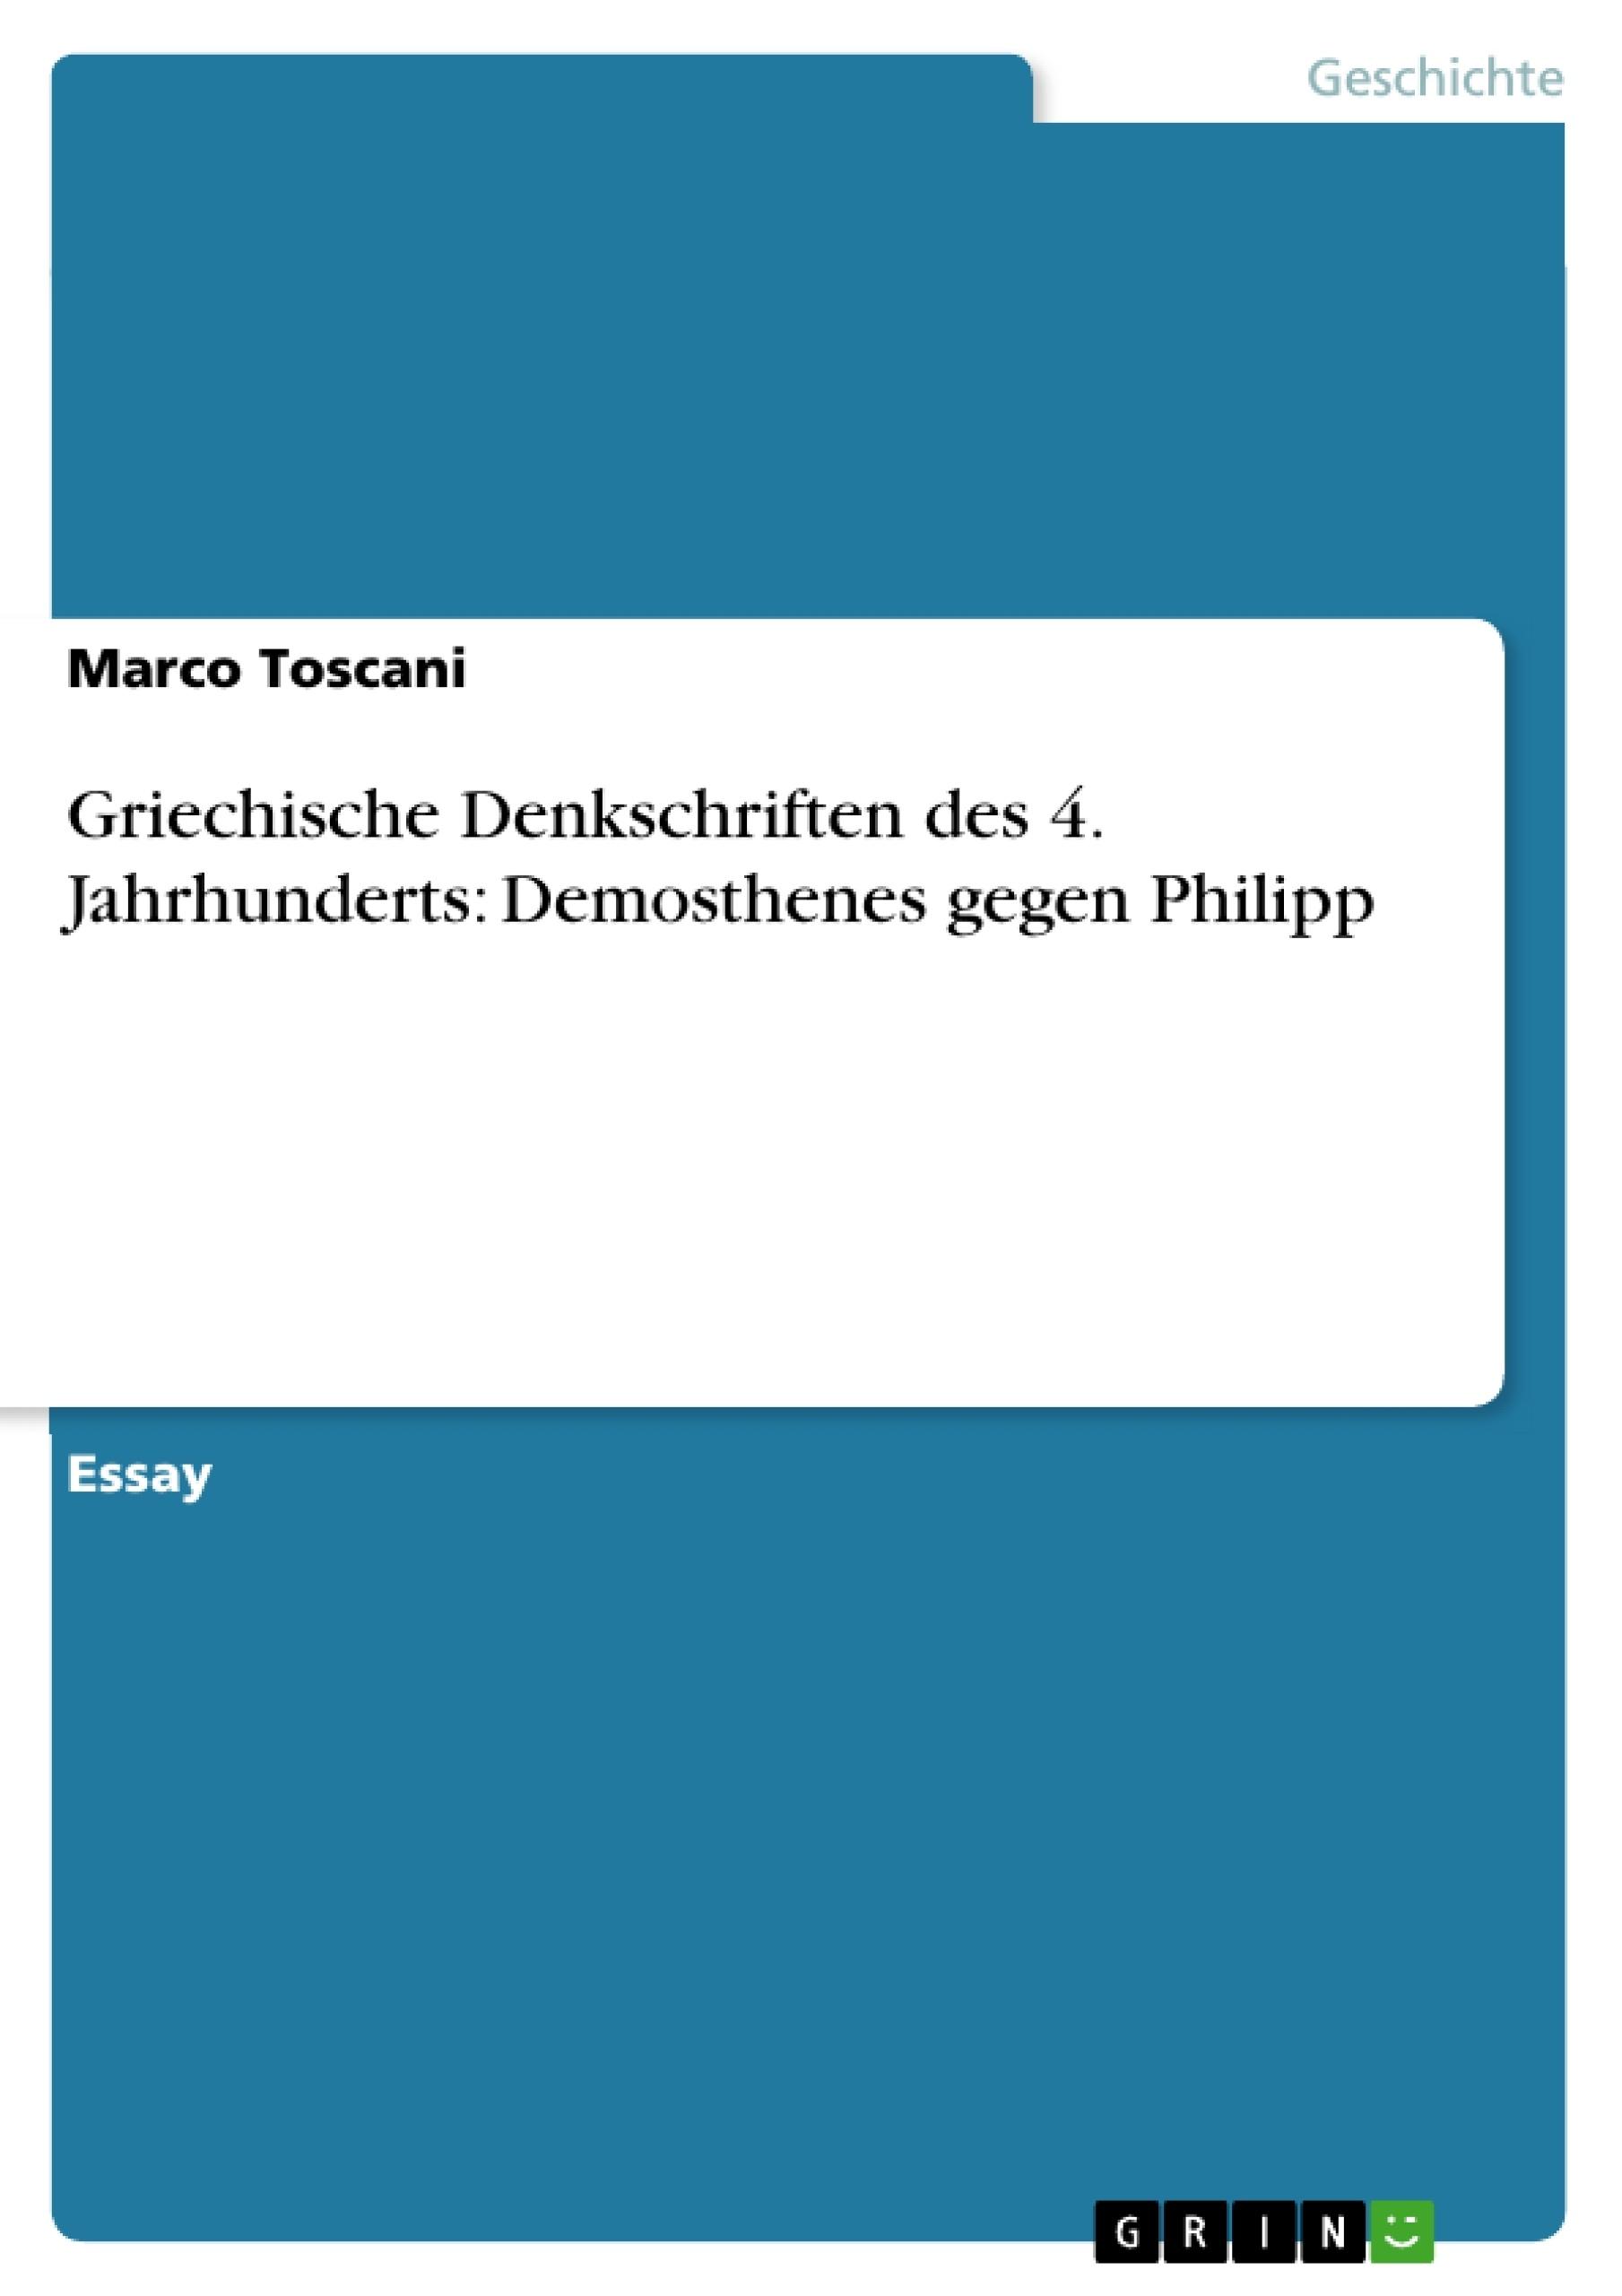 Titel: Griechische Denkschriften des 4.  Jahrhunderts: Demosthenes gegen Philipp